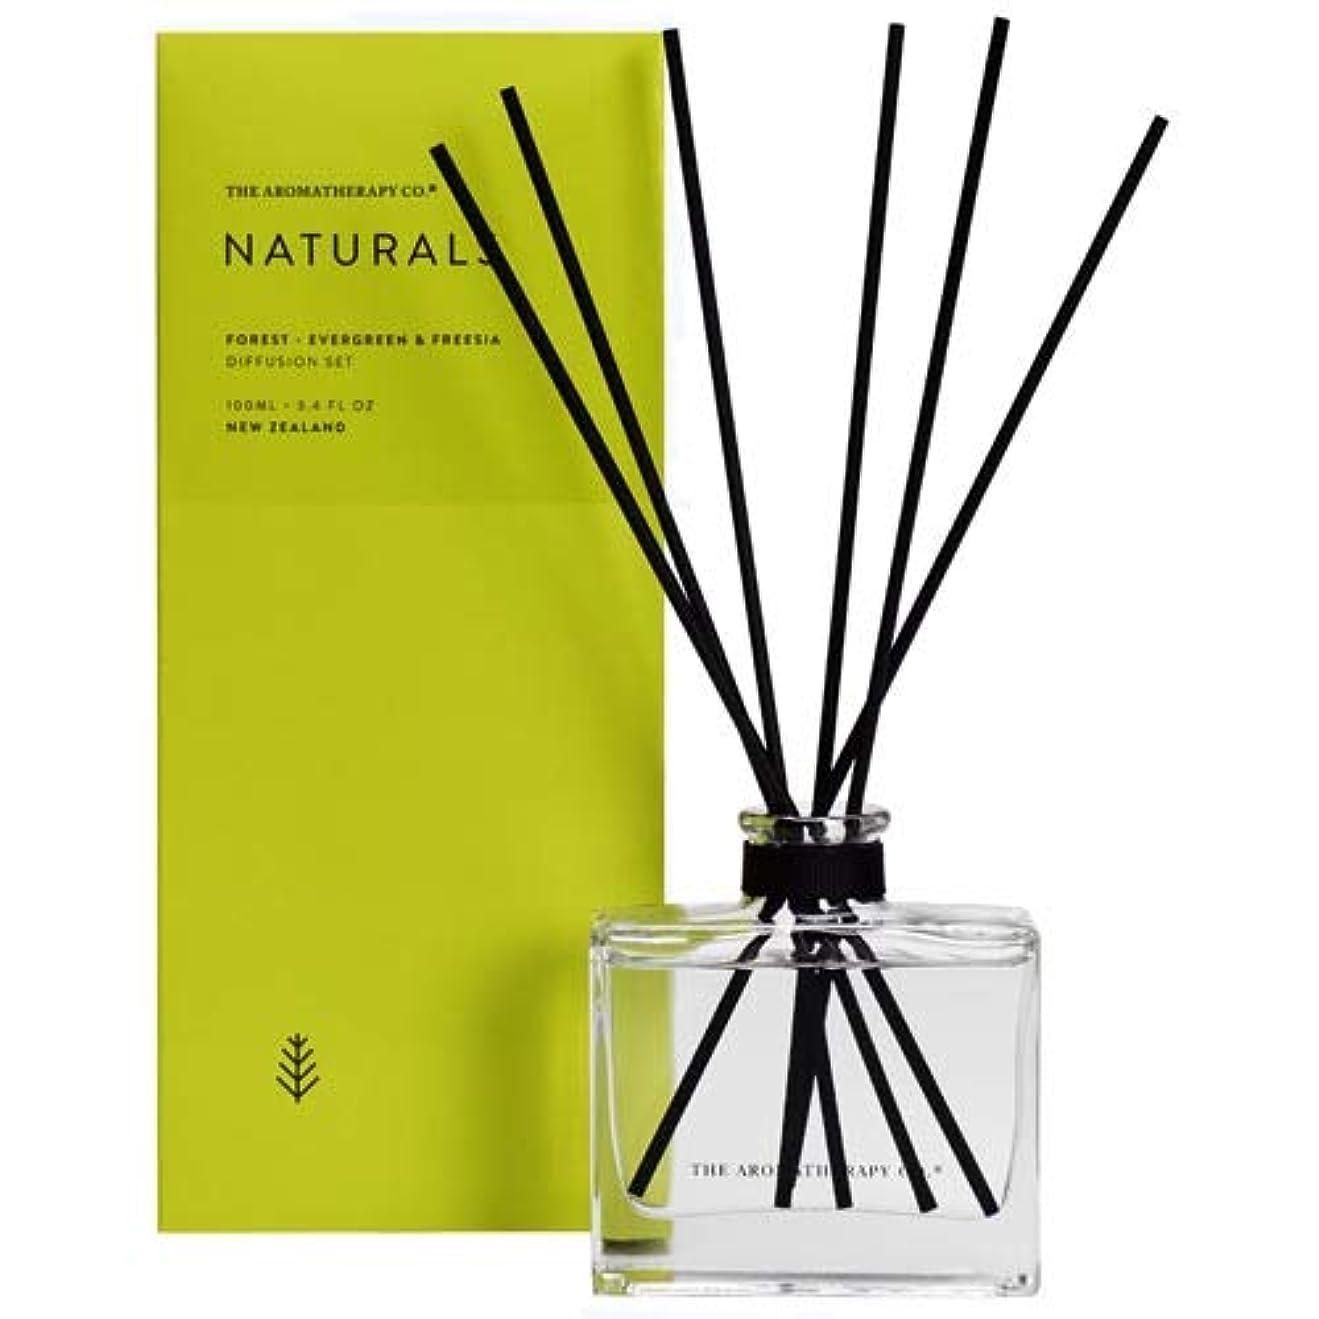 底質素な温室new NATURALS ナチュラルズ Diffusion Stick ディフュージョンスティック Forest フォレスト(森林)Evergreen & Freesia エバーグリーン&フリージア